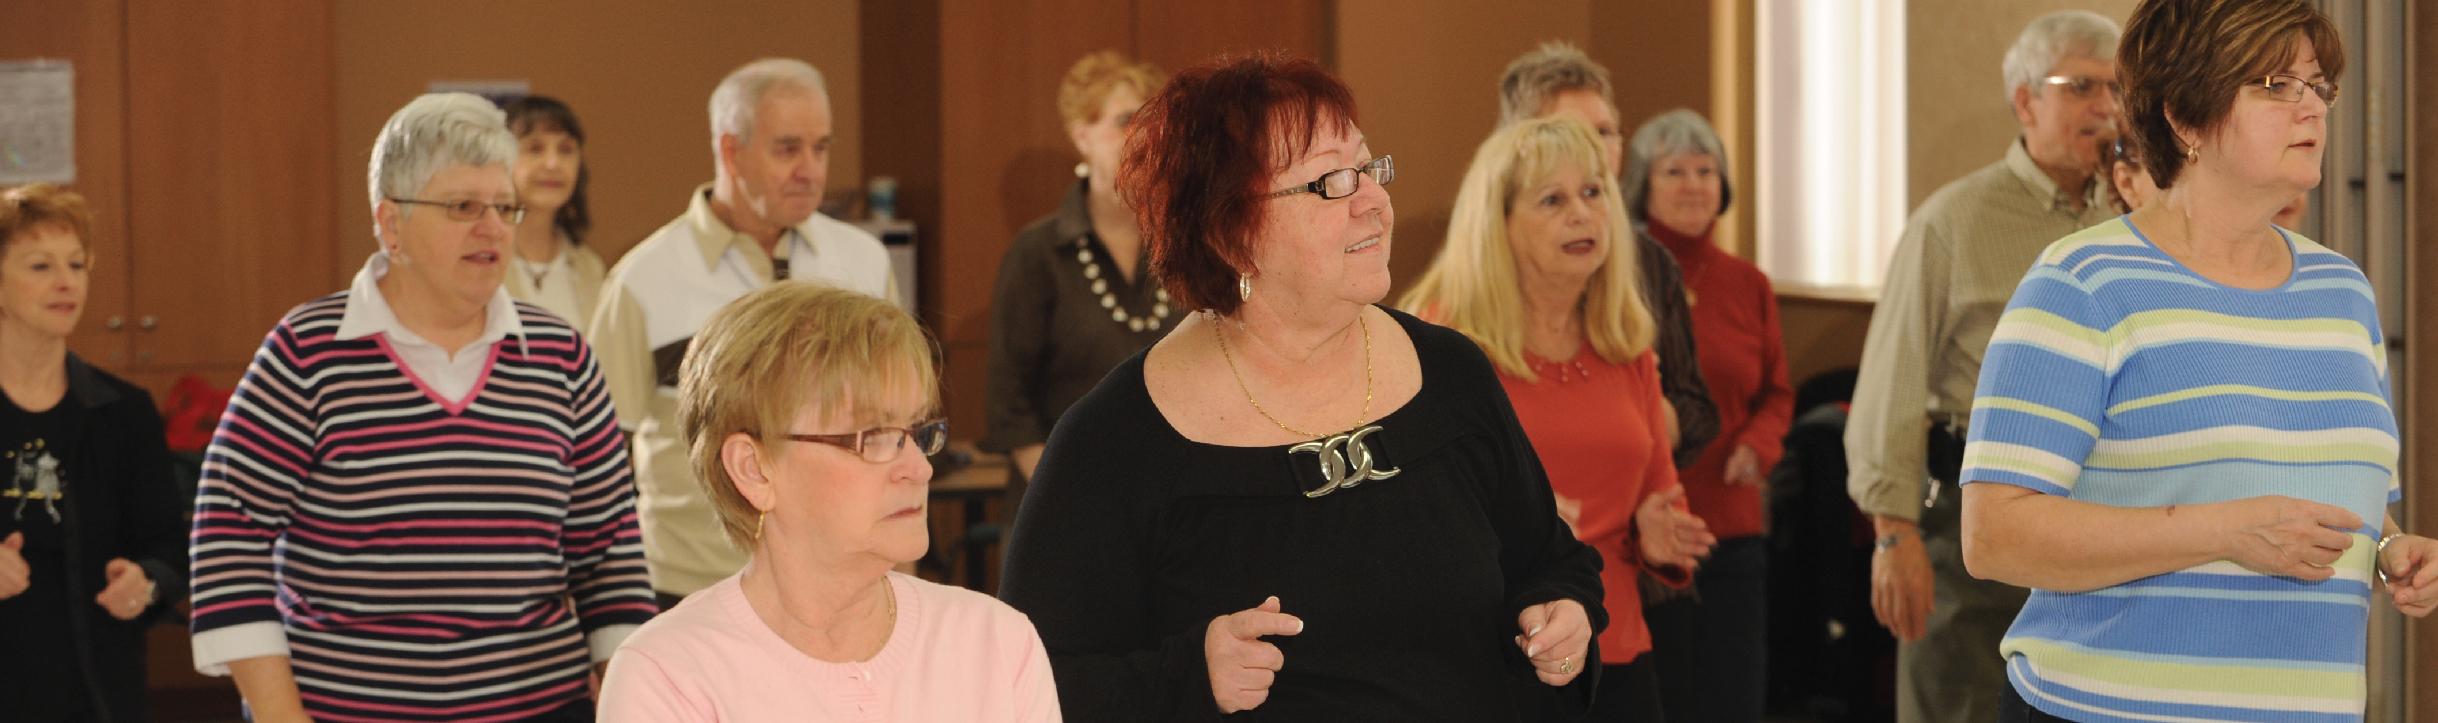 Group of Seniors dancing